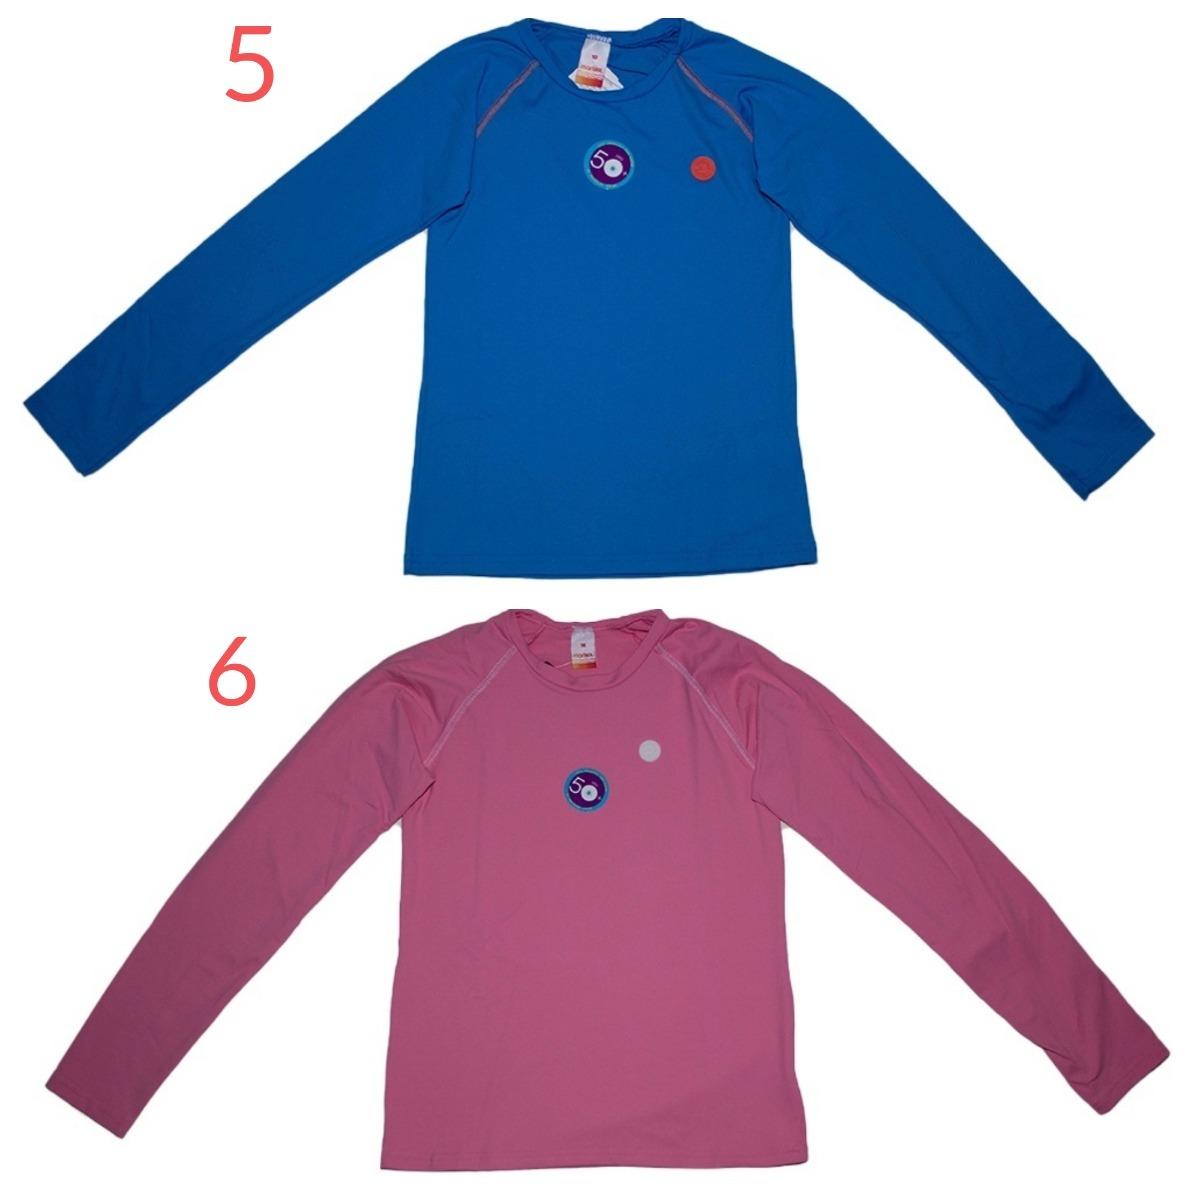 1d3987d3ca69 kit 2 camisetas de proteção uv infantil promoção marisol. Carregando zoom.